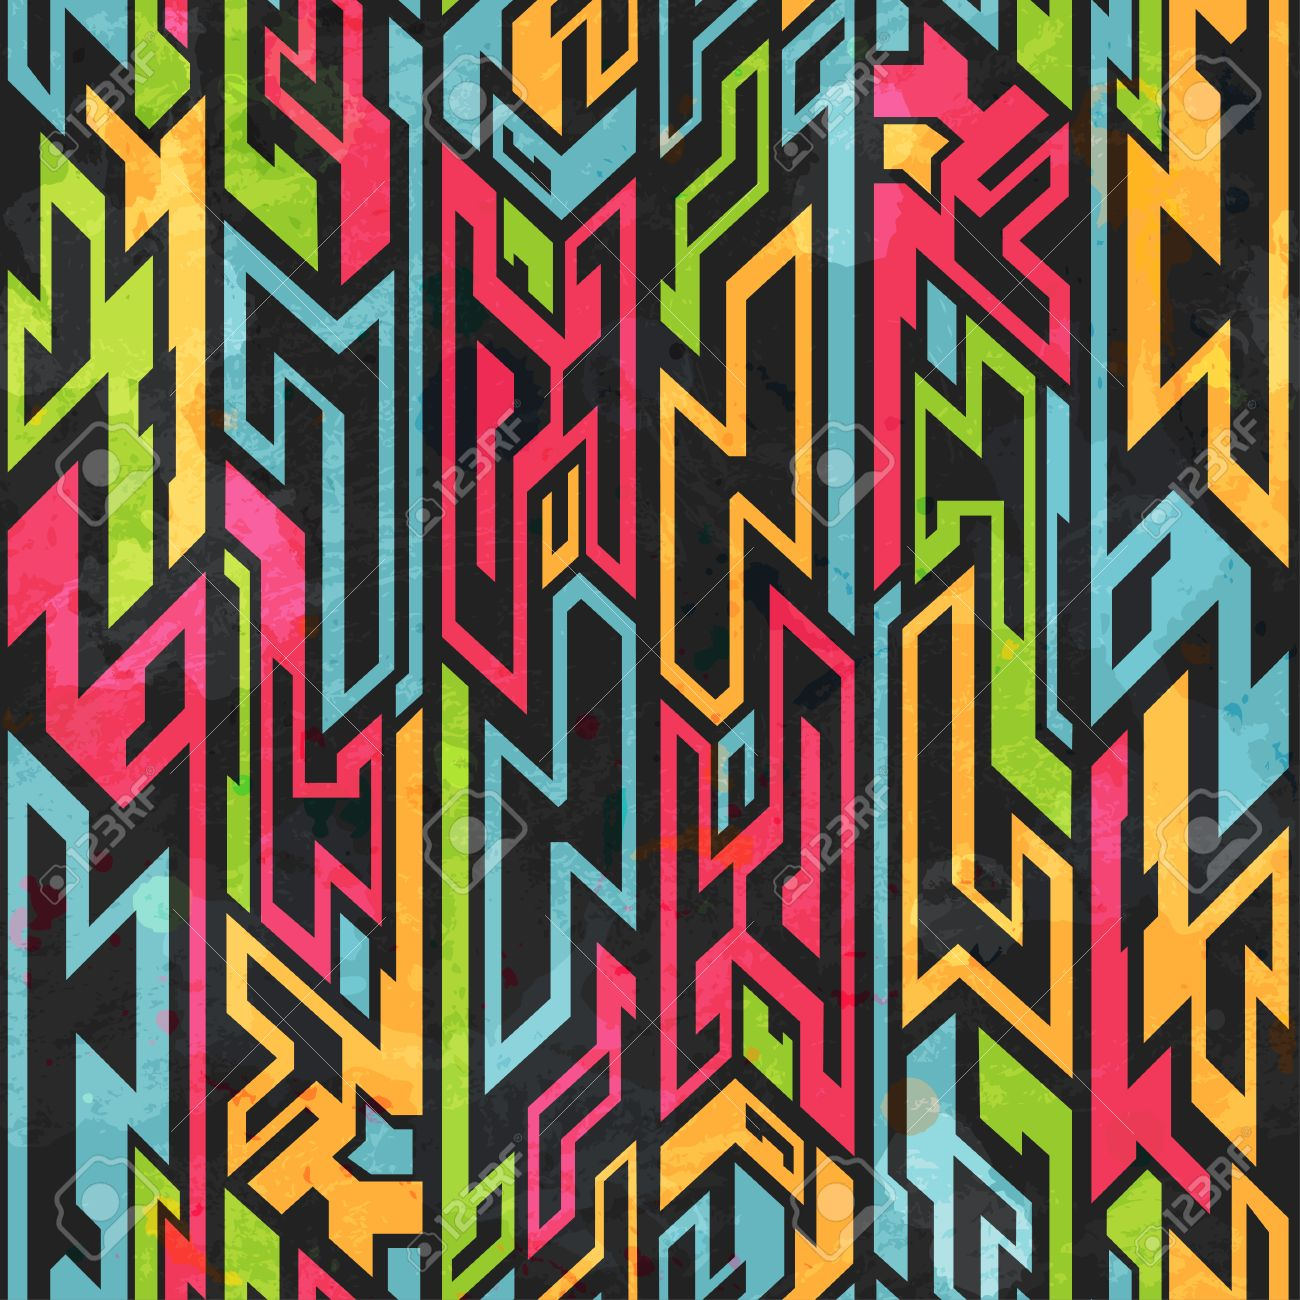 Color Transparente Patrón Pinturas Tribales Ilustraciones